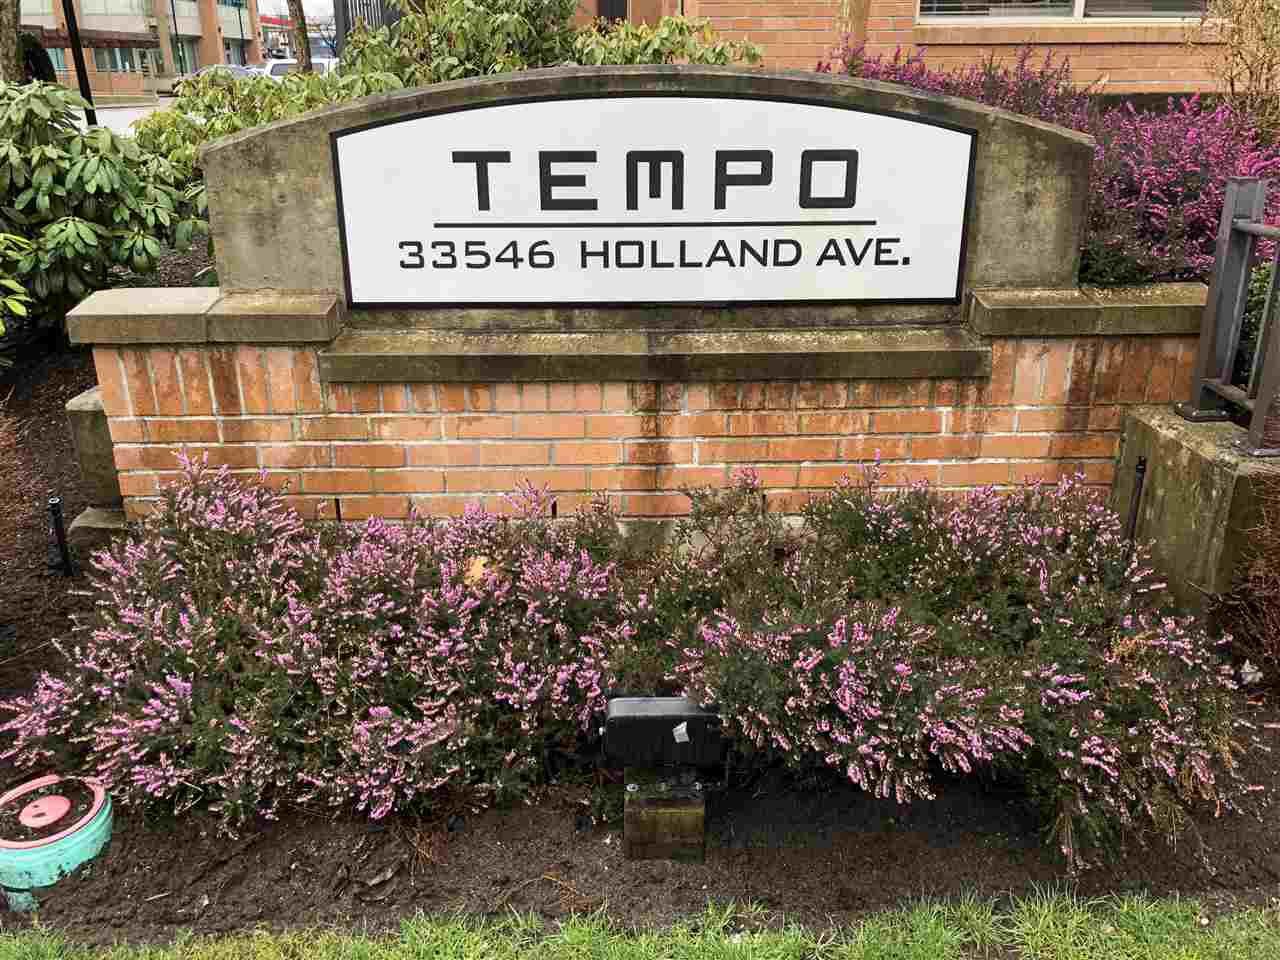 """Main Photo: 115 33546 HOLLAND Avenue in Abbotsford: Central Abbotsford Condo for sale in """"Tempo"""" : MLS®# R2250036"""